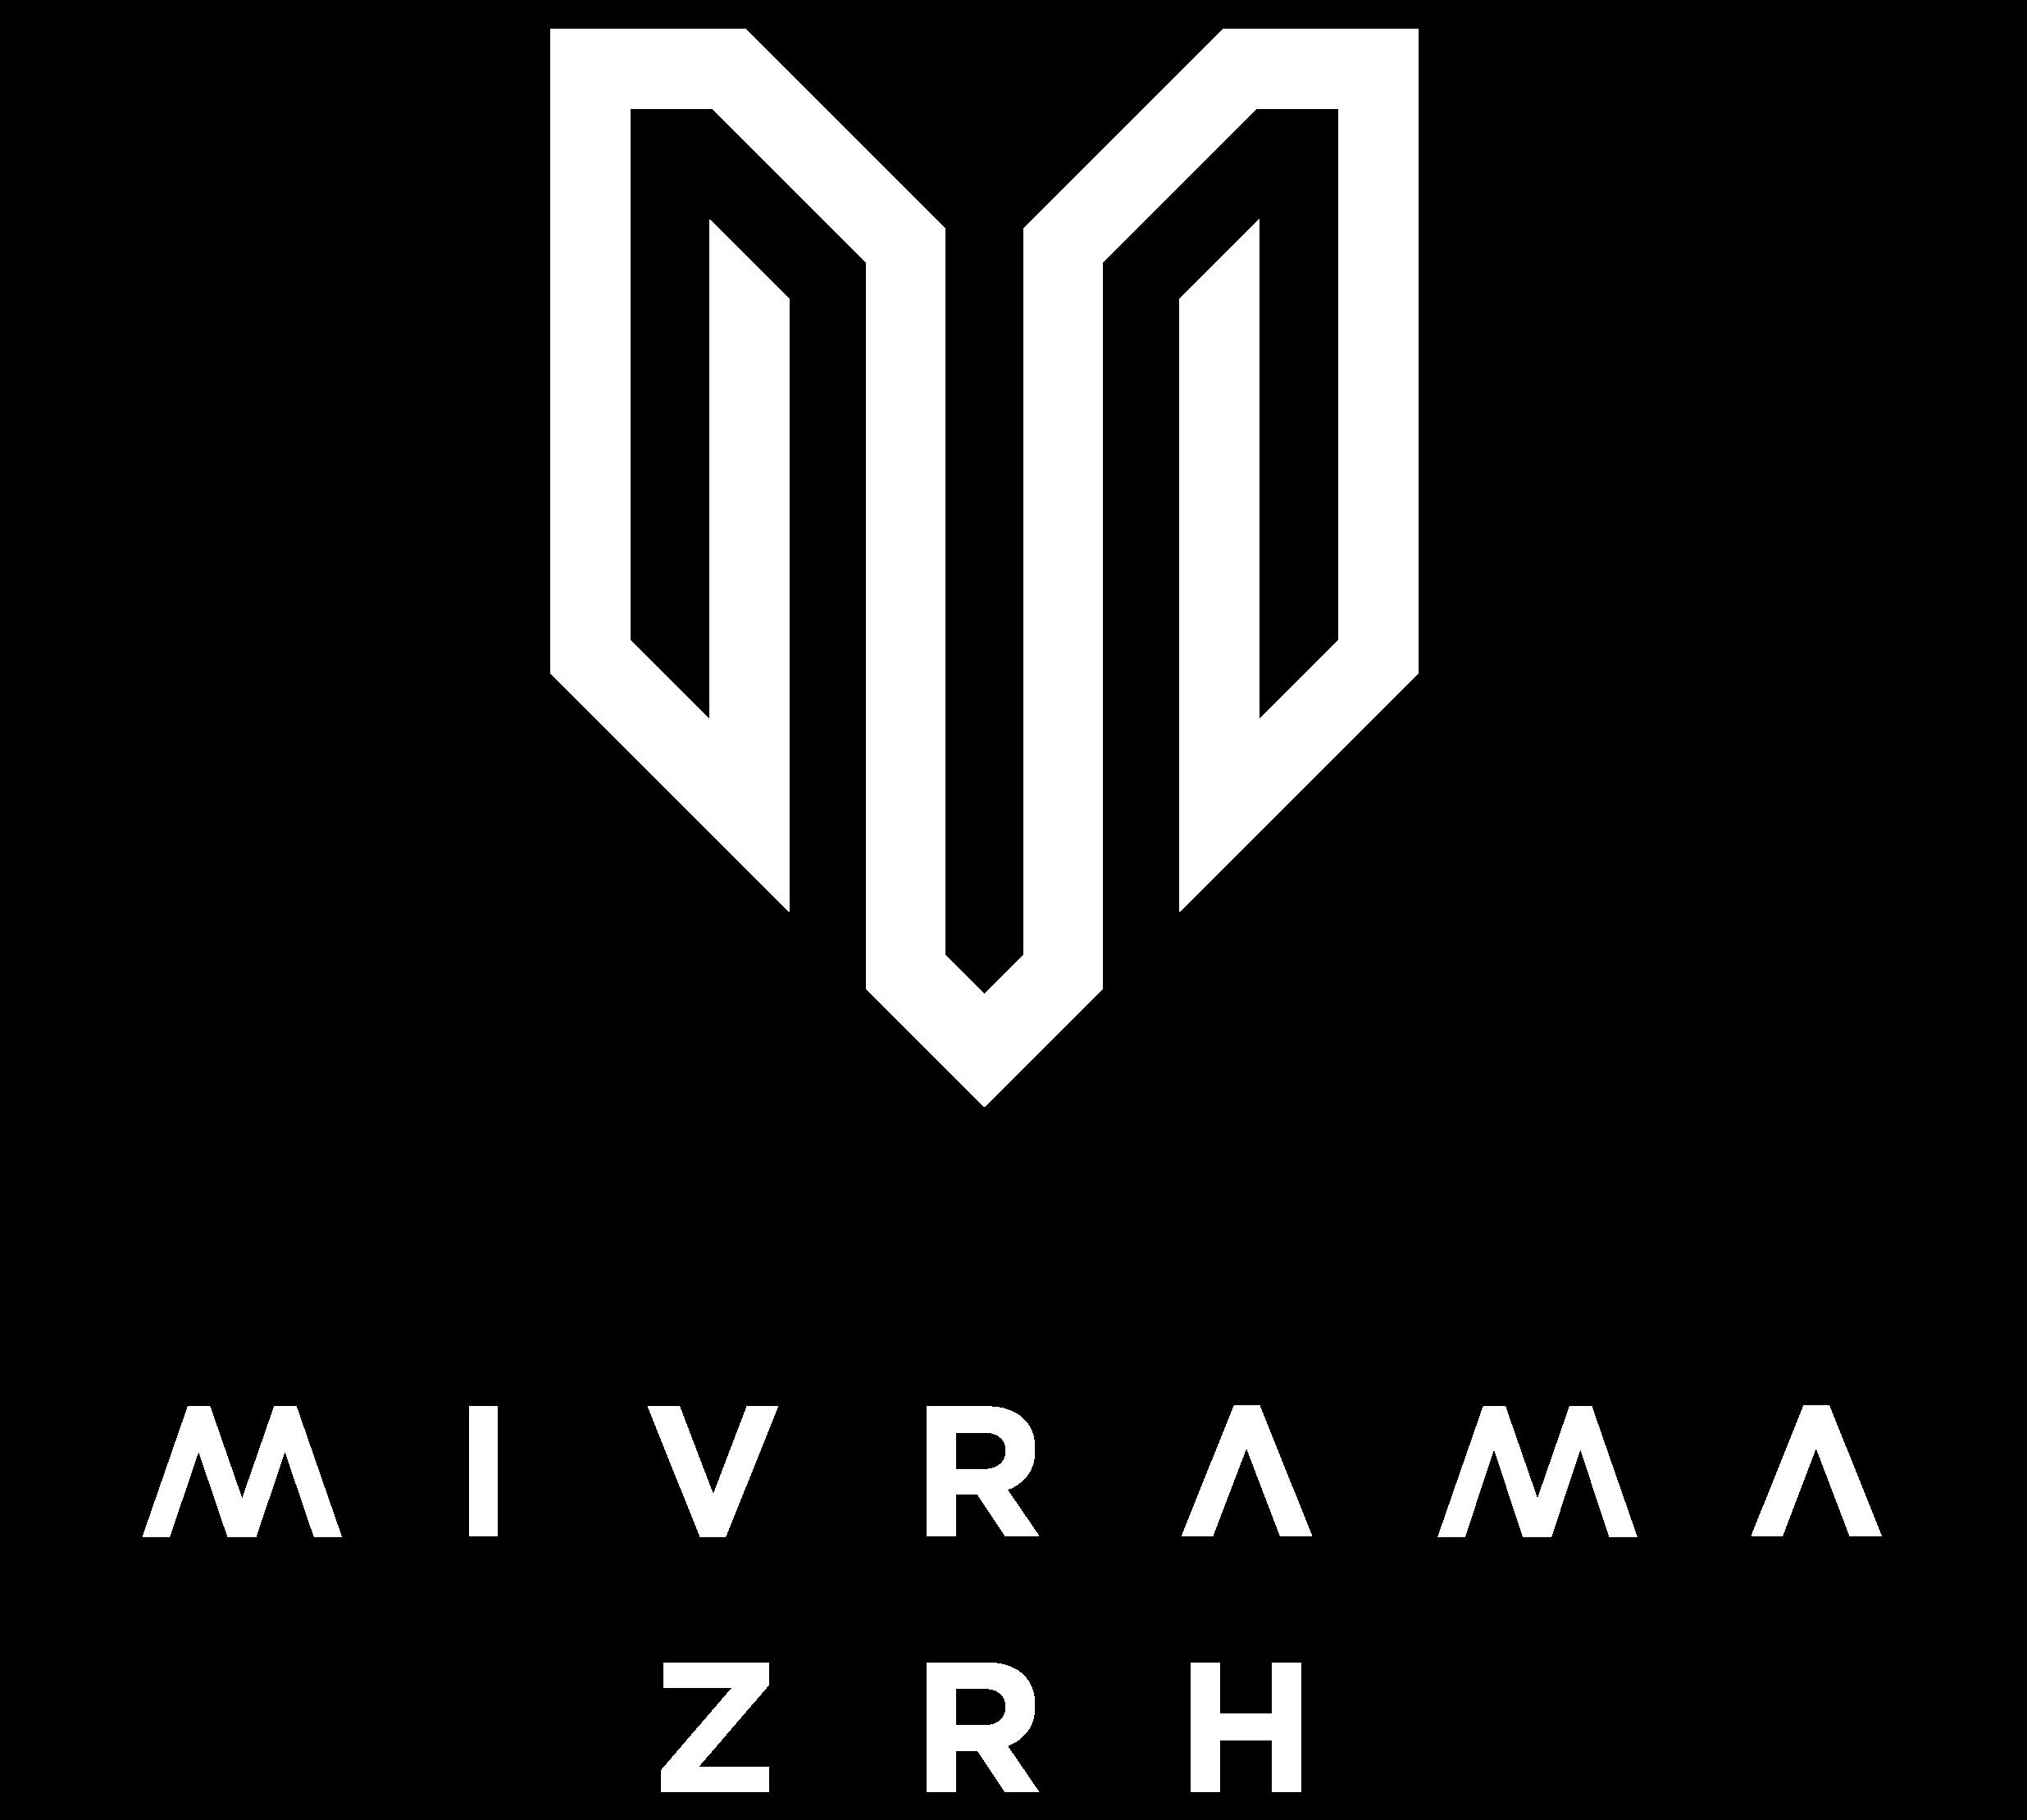 Miurama Graphic Design & Art Direction